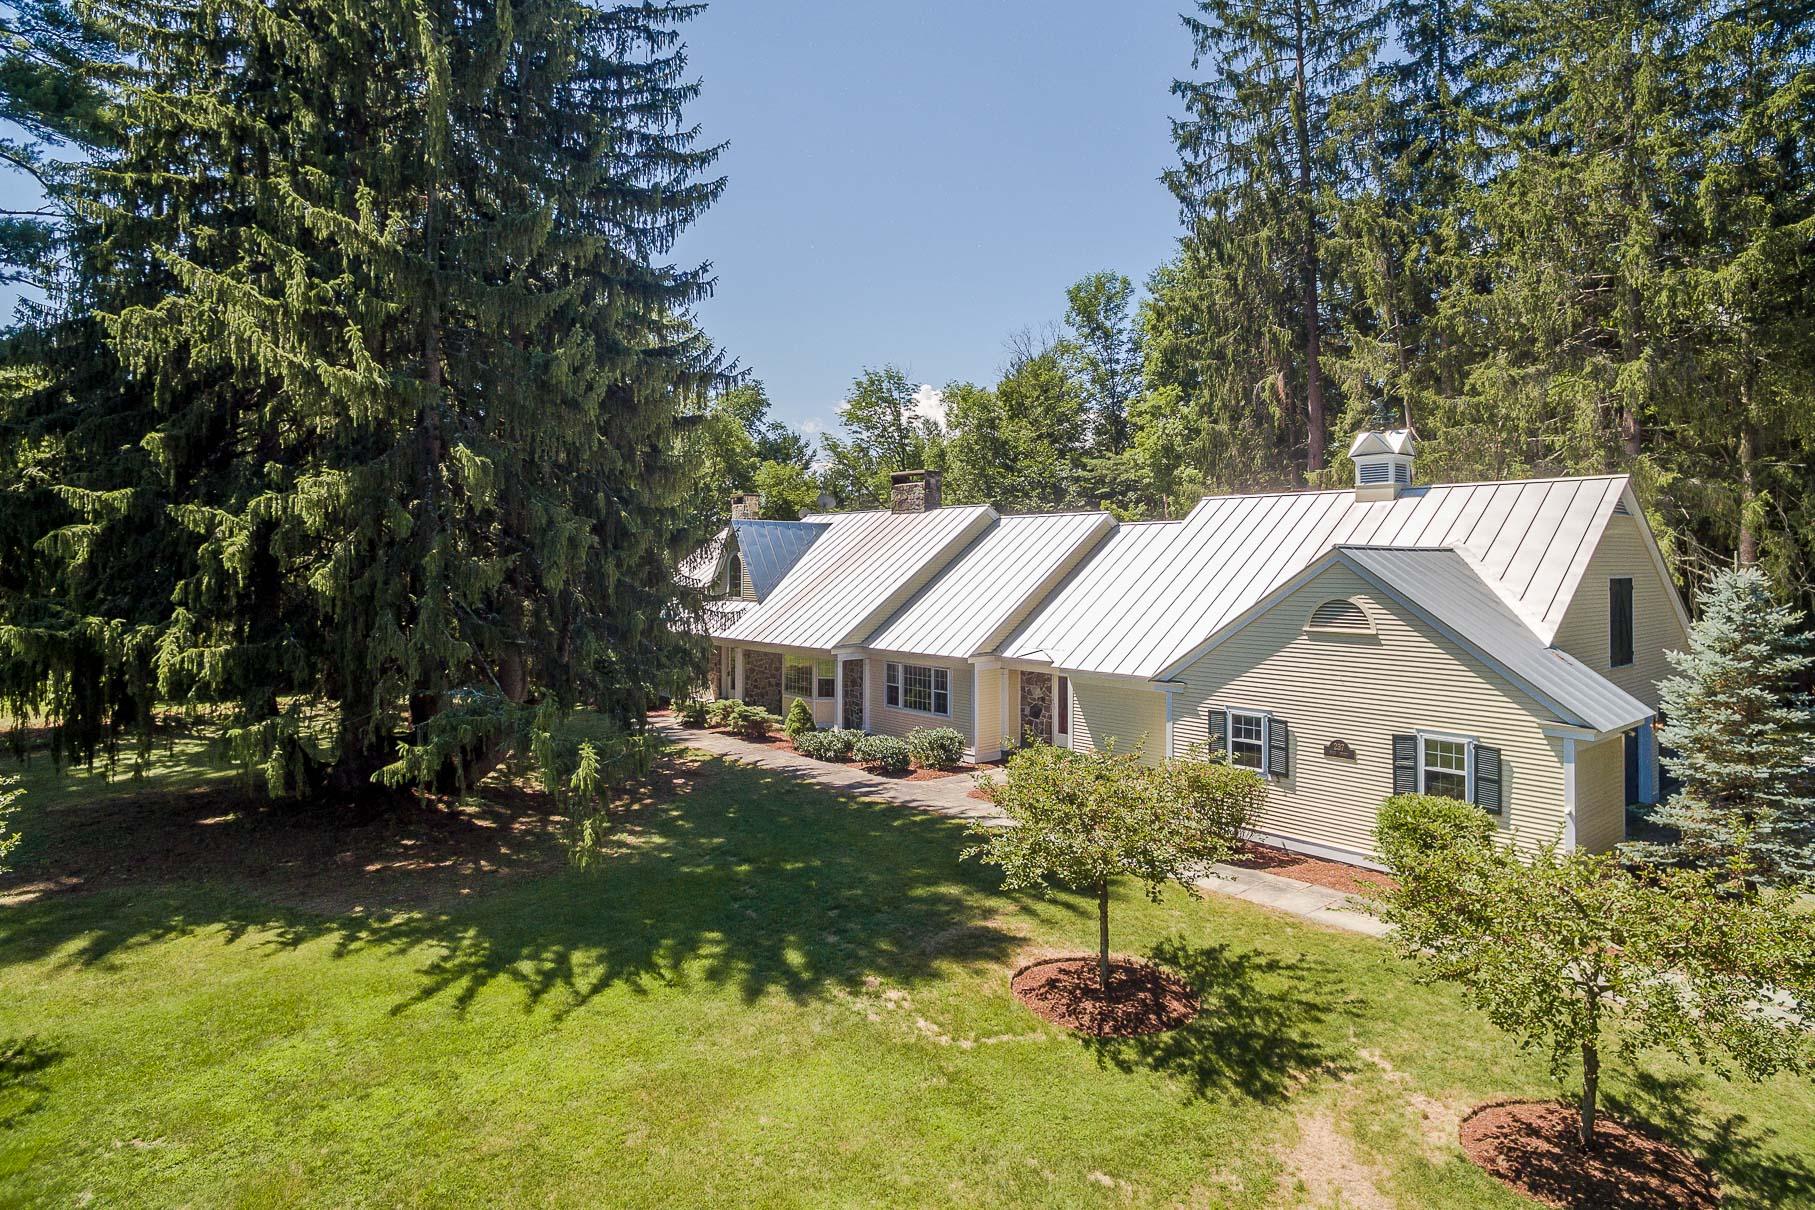 Maison unifamiliale pour l Vente à 237 Main St, Norwich Norwich, Vermont, 05055 États-Unis